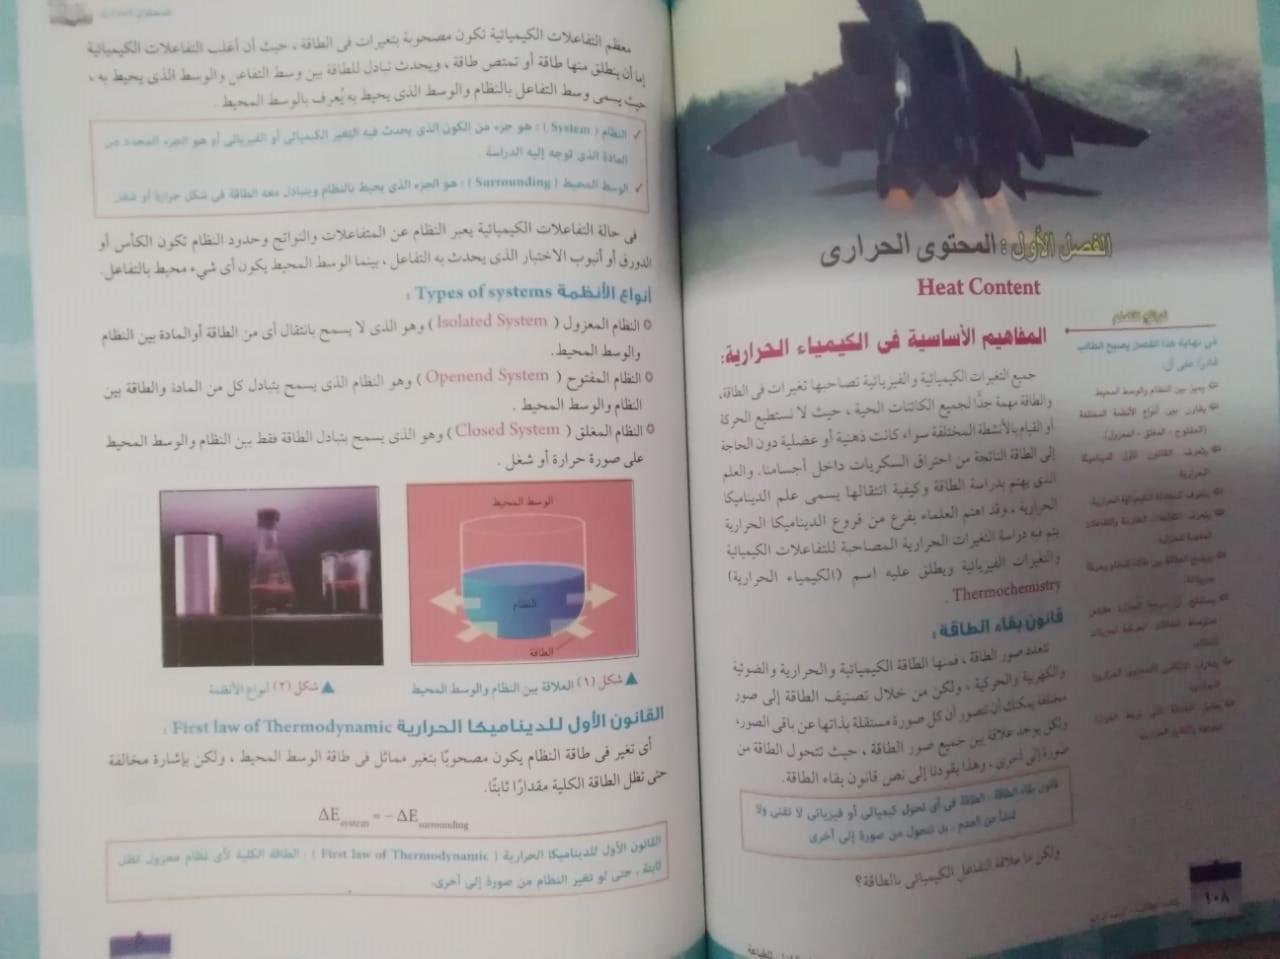 تحميل كتاب الكيمياء 1 نظام المقررات